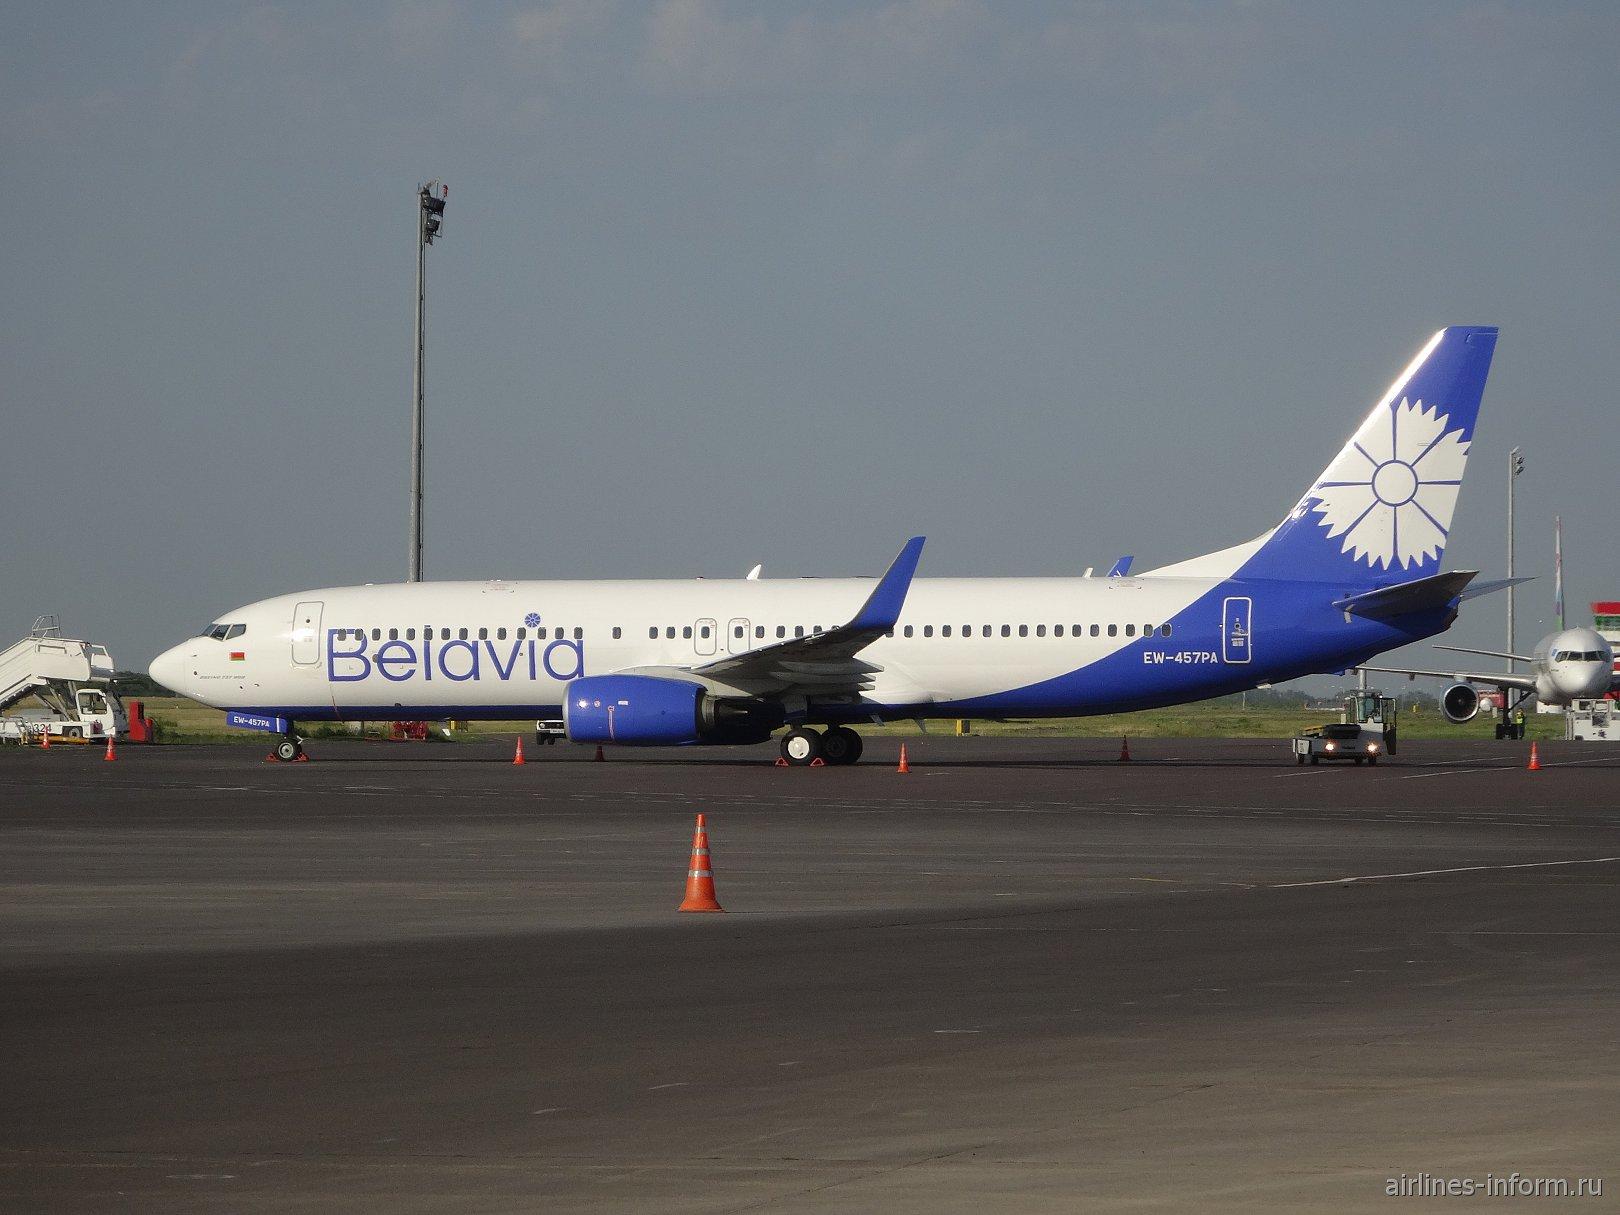 """Боинг-737-800 EW-457PA авиакомпании """"Белавиа"""" в аэропорту Астаны"""